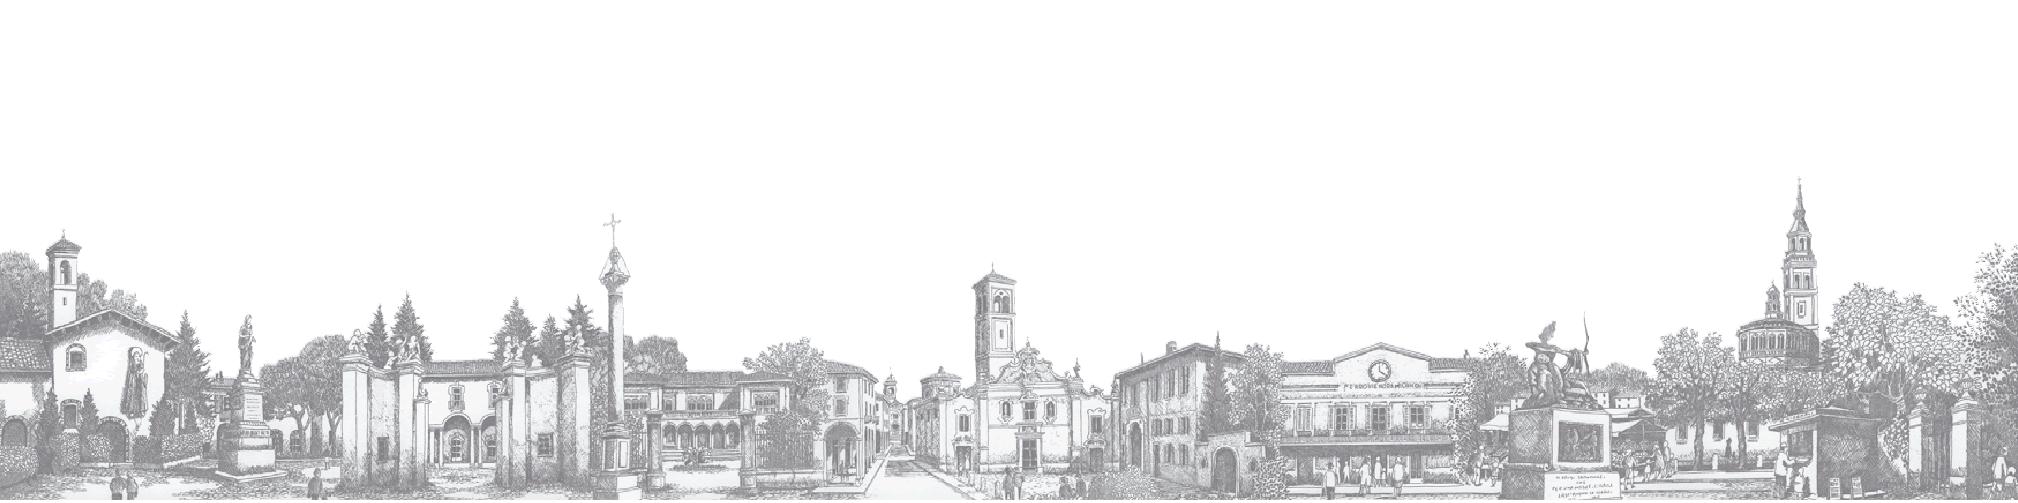 Saronno storica